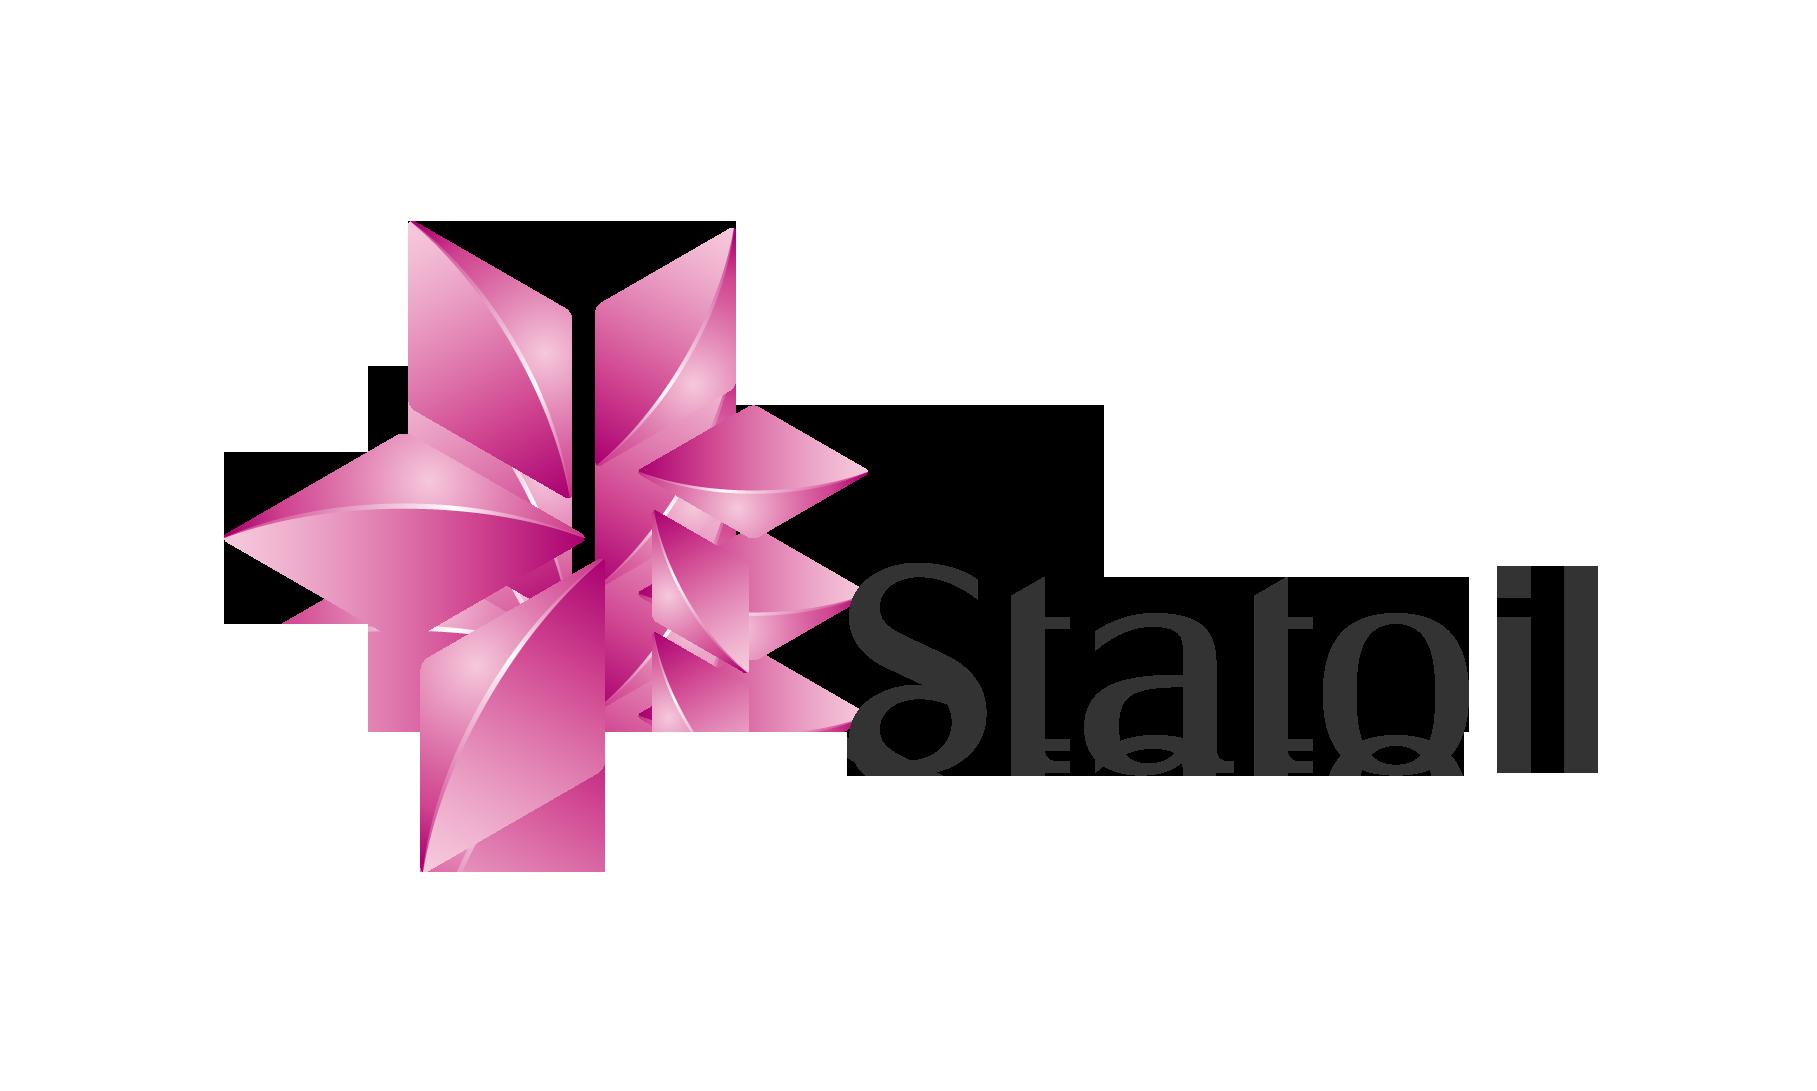 Statoil получила 24 лицензии на разработку участков недр на Норвежском континентальном шельфе. Потянет ли?